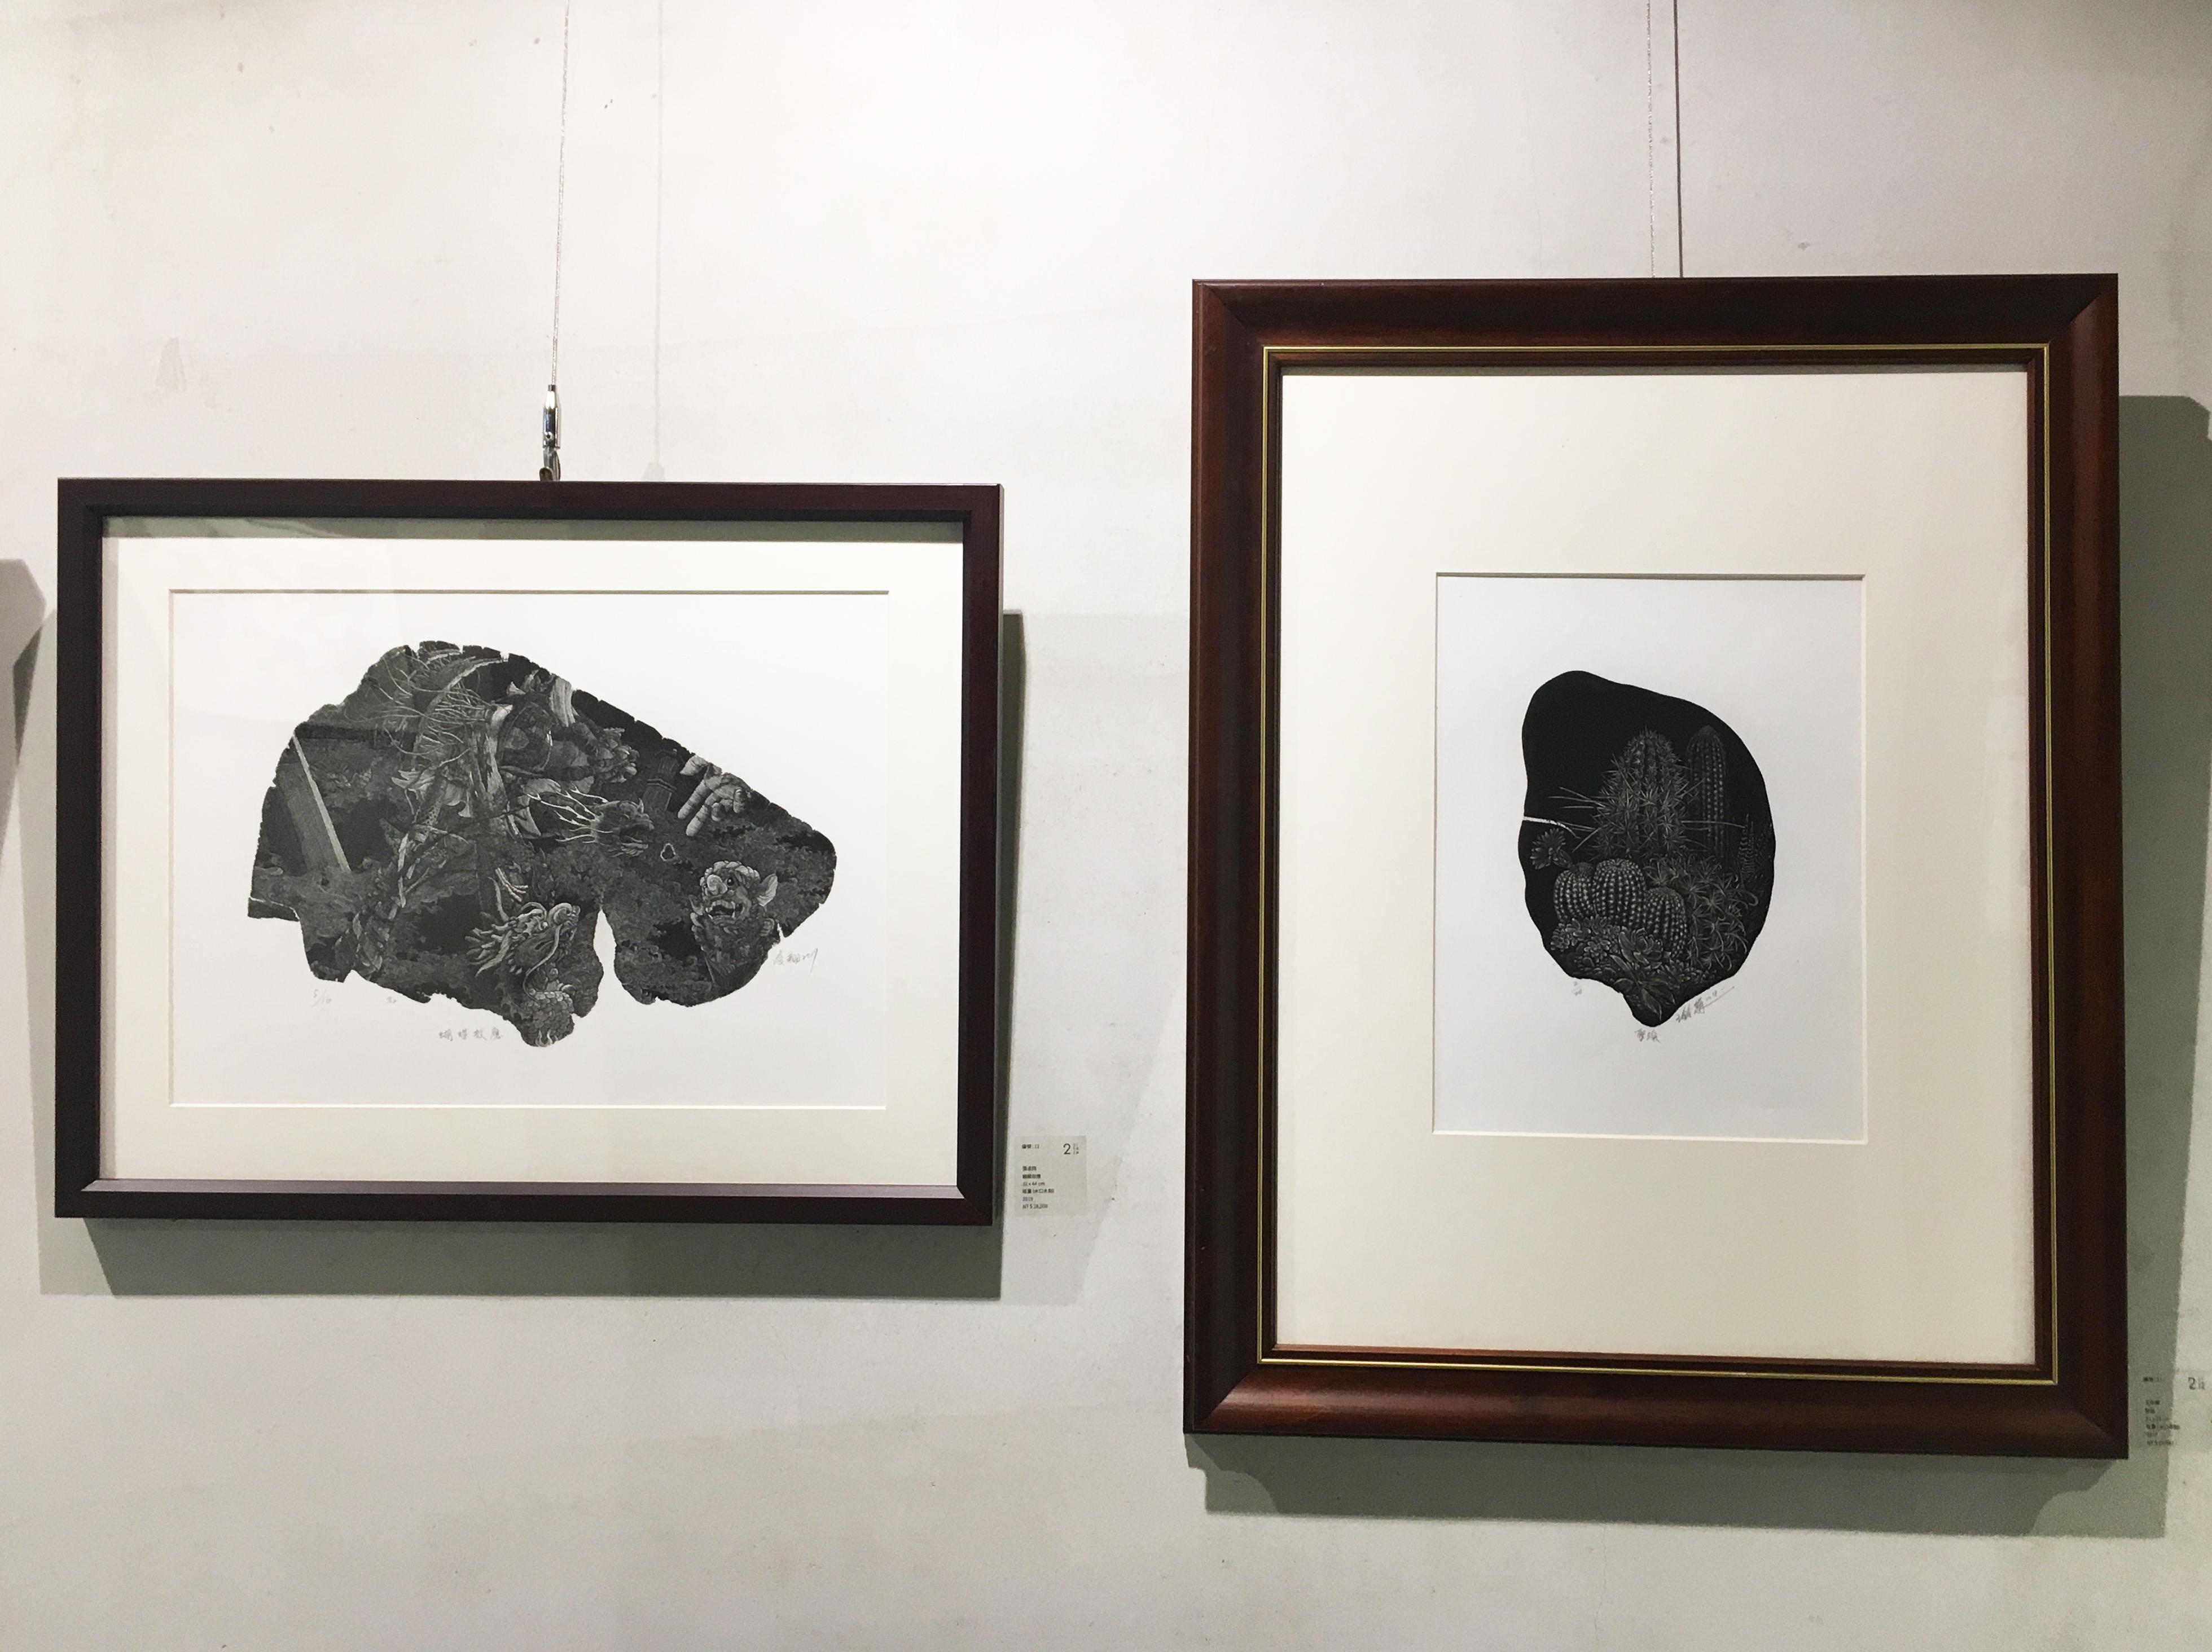 二空間展出臺灣藝術家張凌翔(左)、王鈴蘭(右)版畫作品。